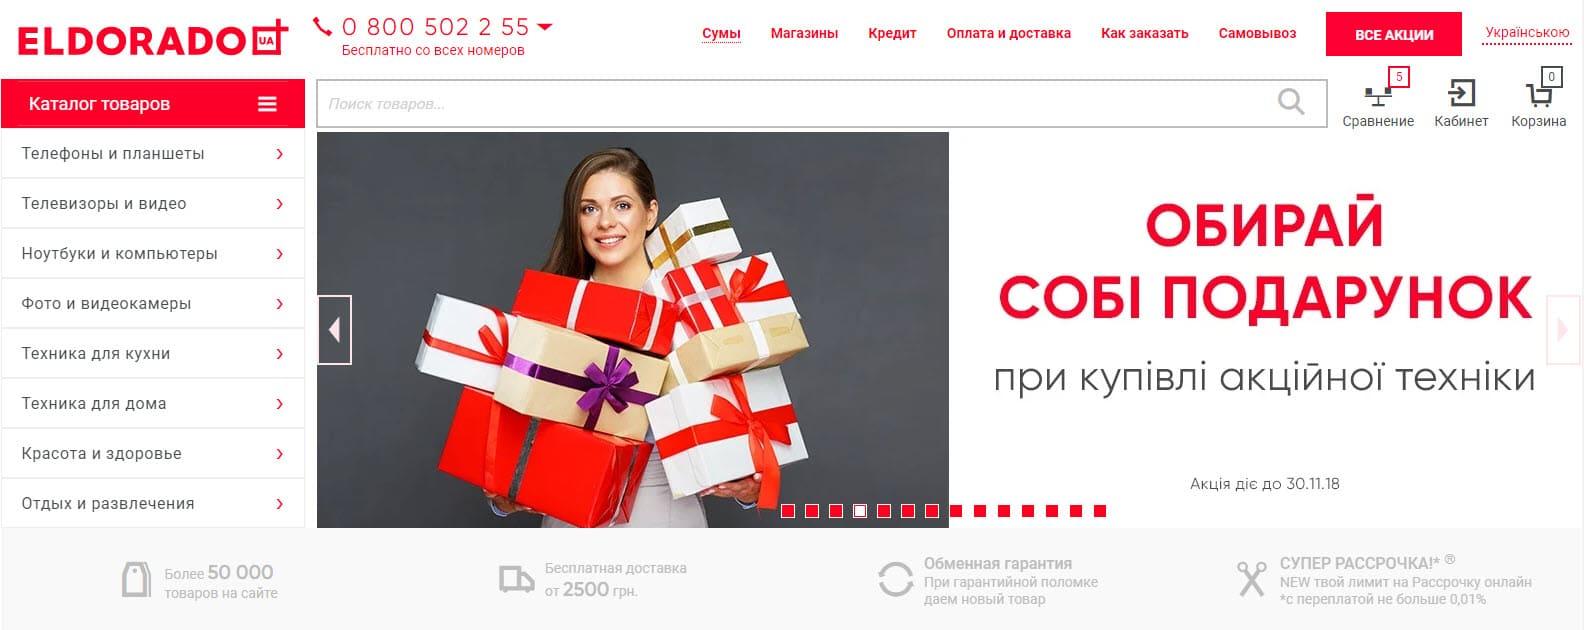 Акции в интернет-магазине Eldorado